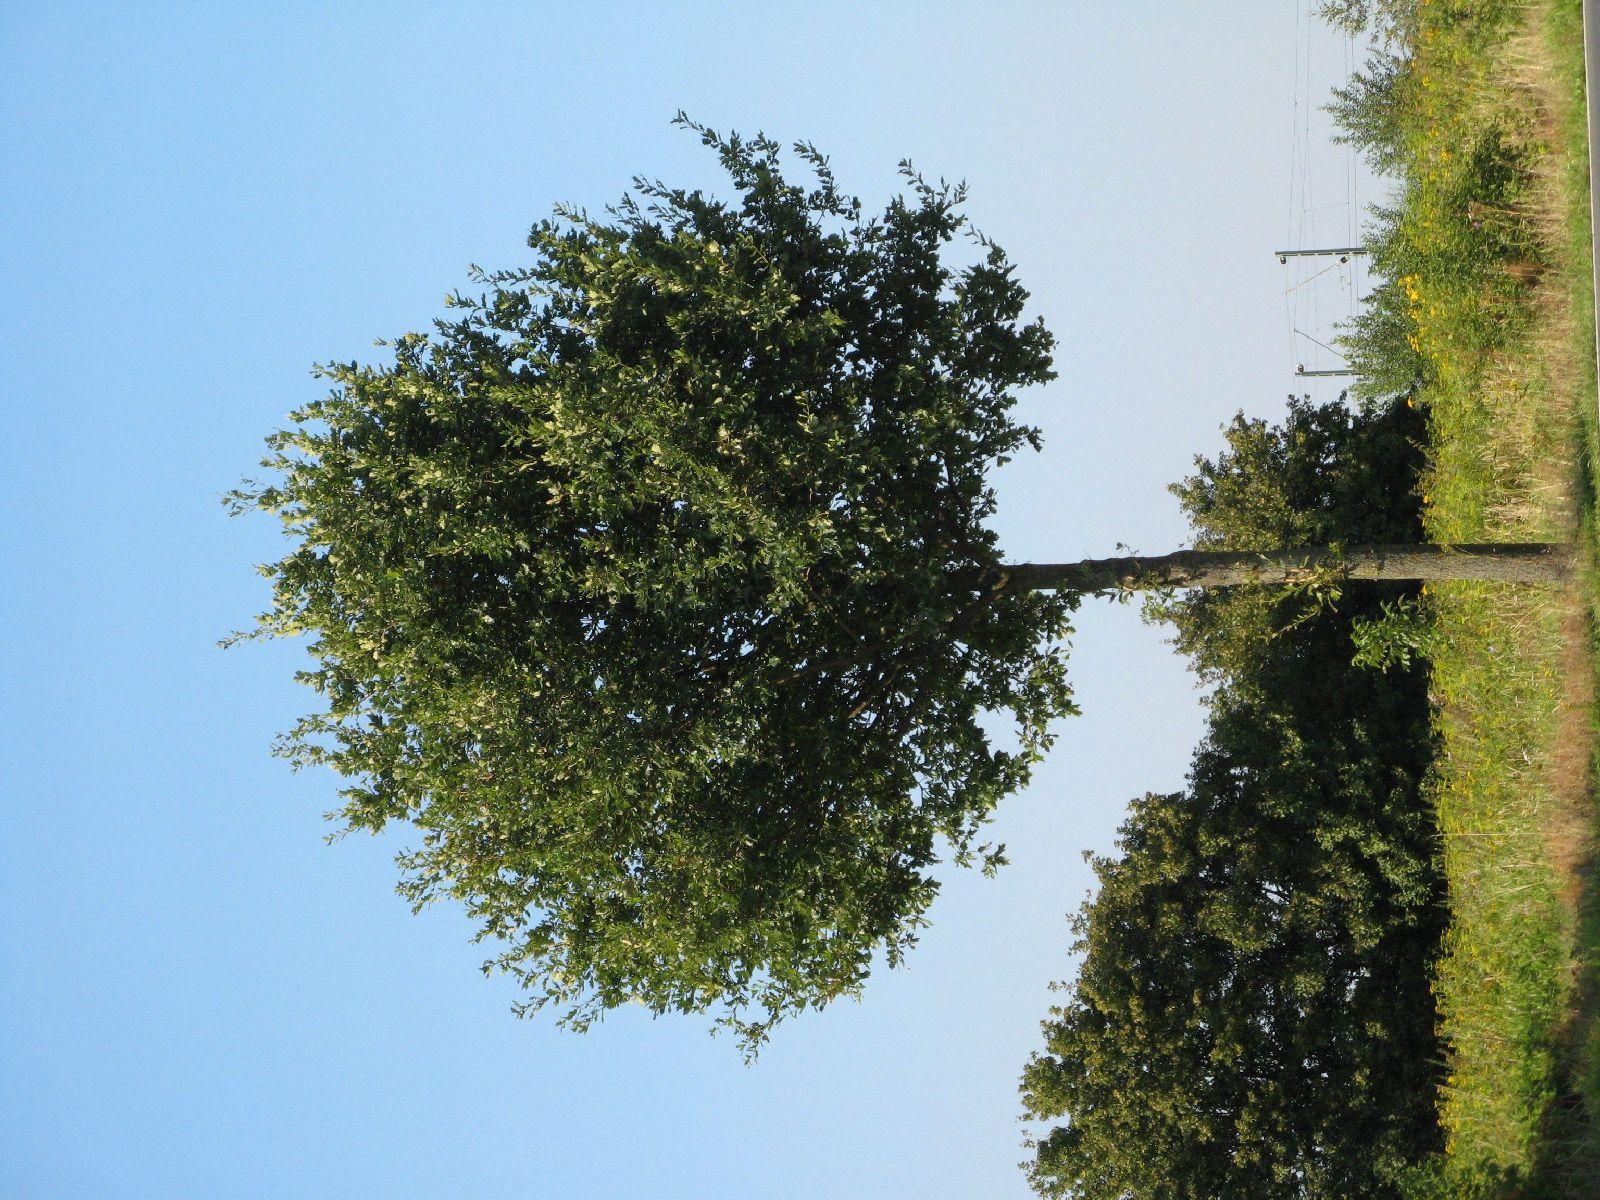 Pflanzen-Baum-Foto_Textur_B_1190